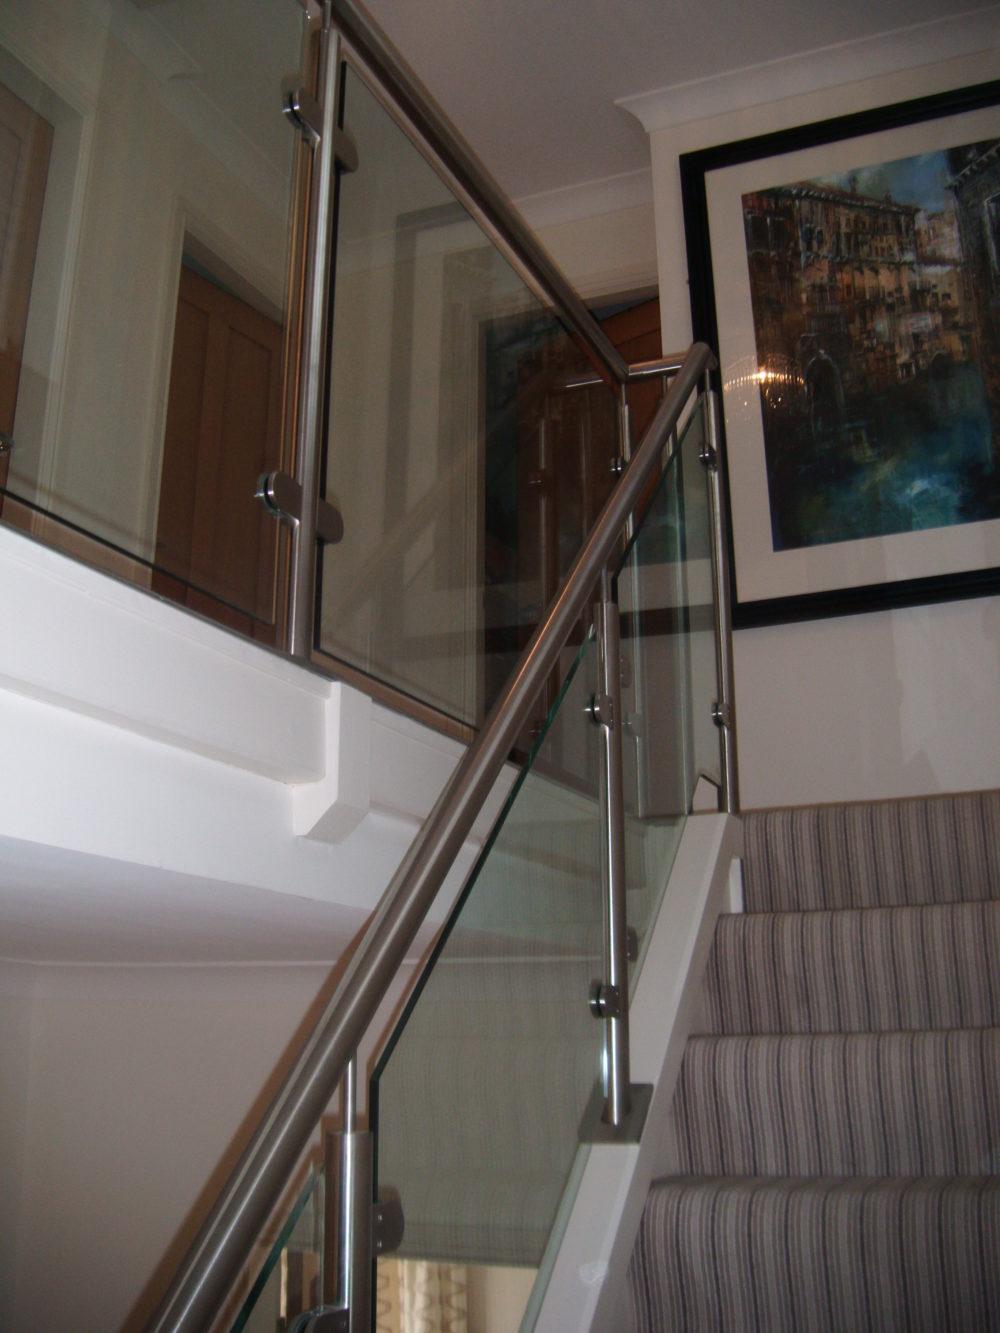 House Stair Balustrading